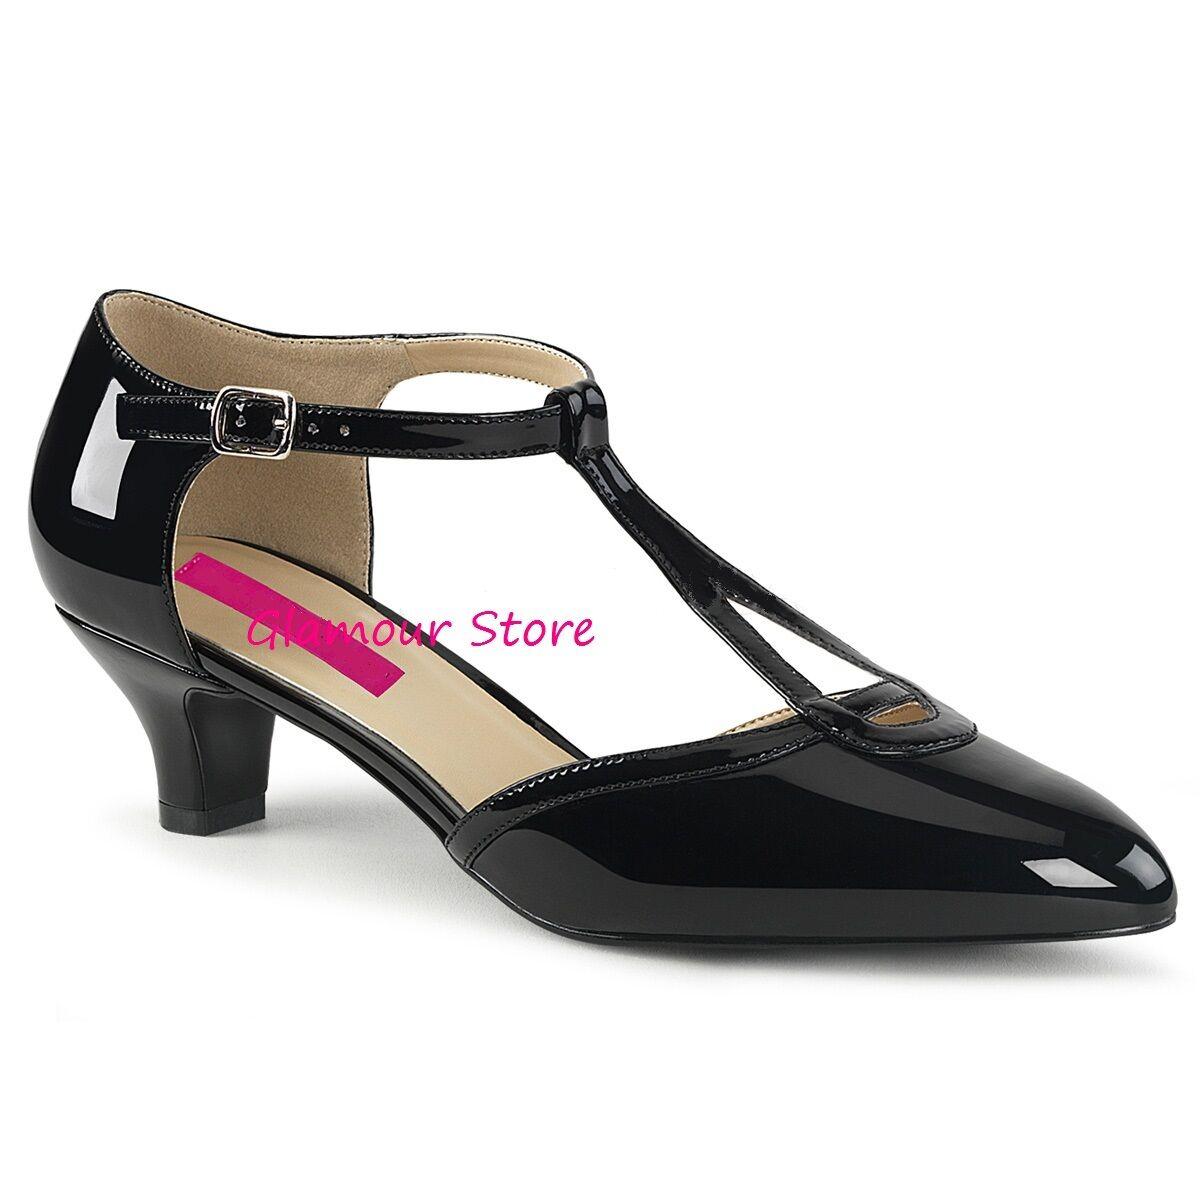 Sexy DECOLTE' tacco 5 cm al NERO LUCIDO dal 39 al cm 46 cinturino scarpe GLAMOUR chic 648e4e